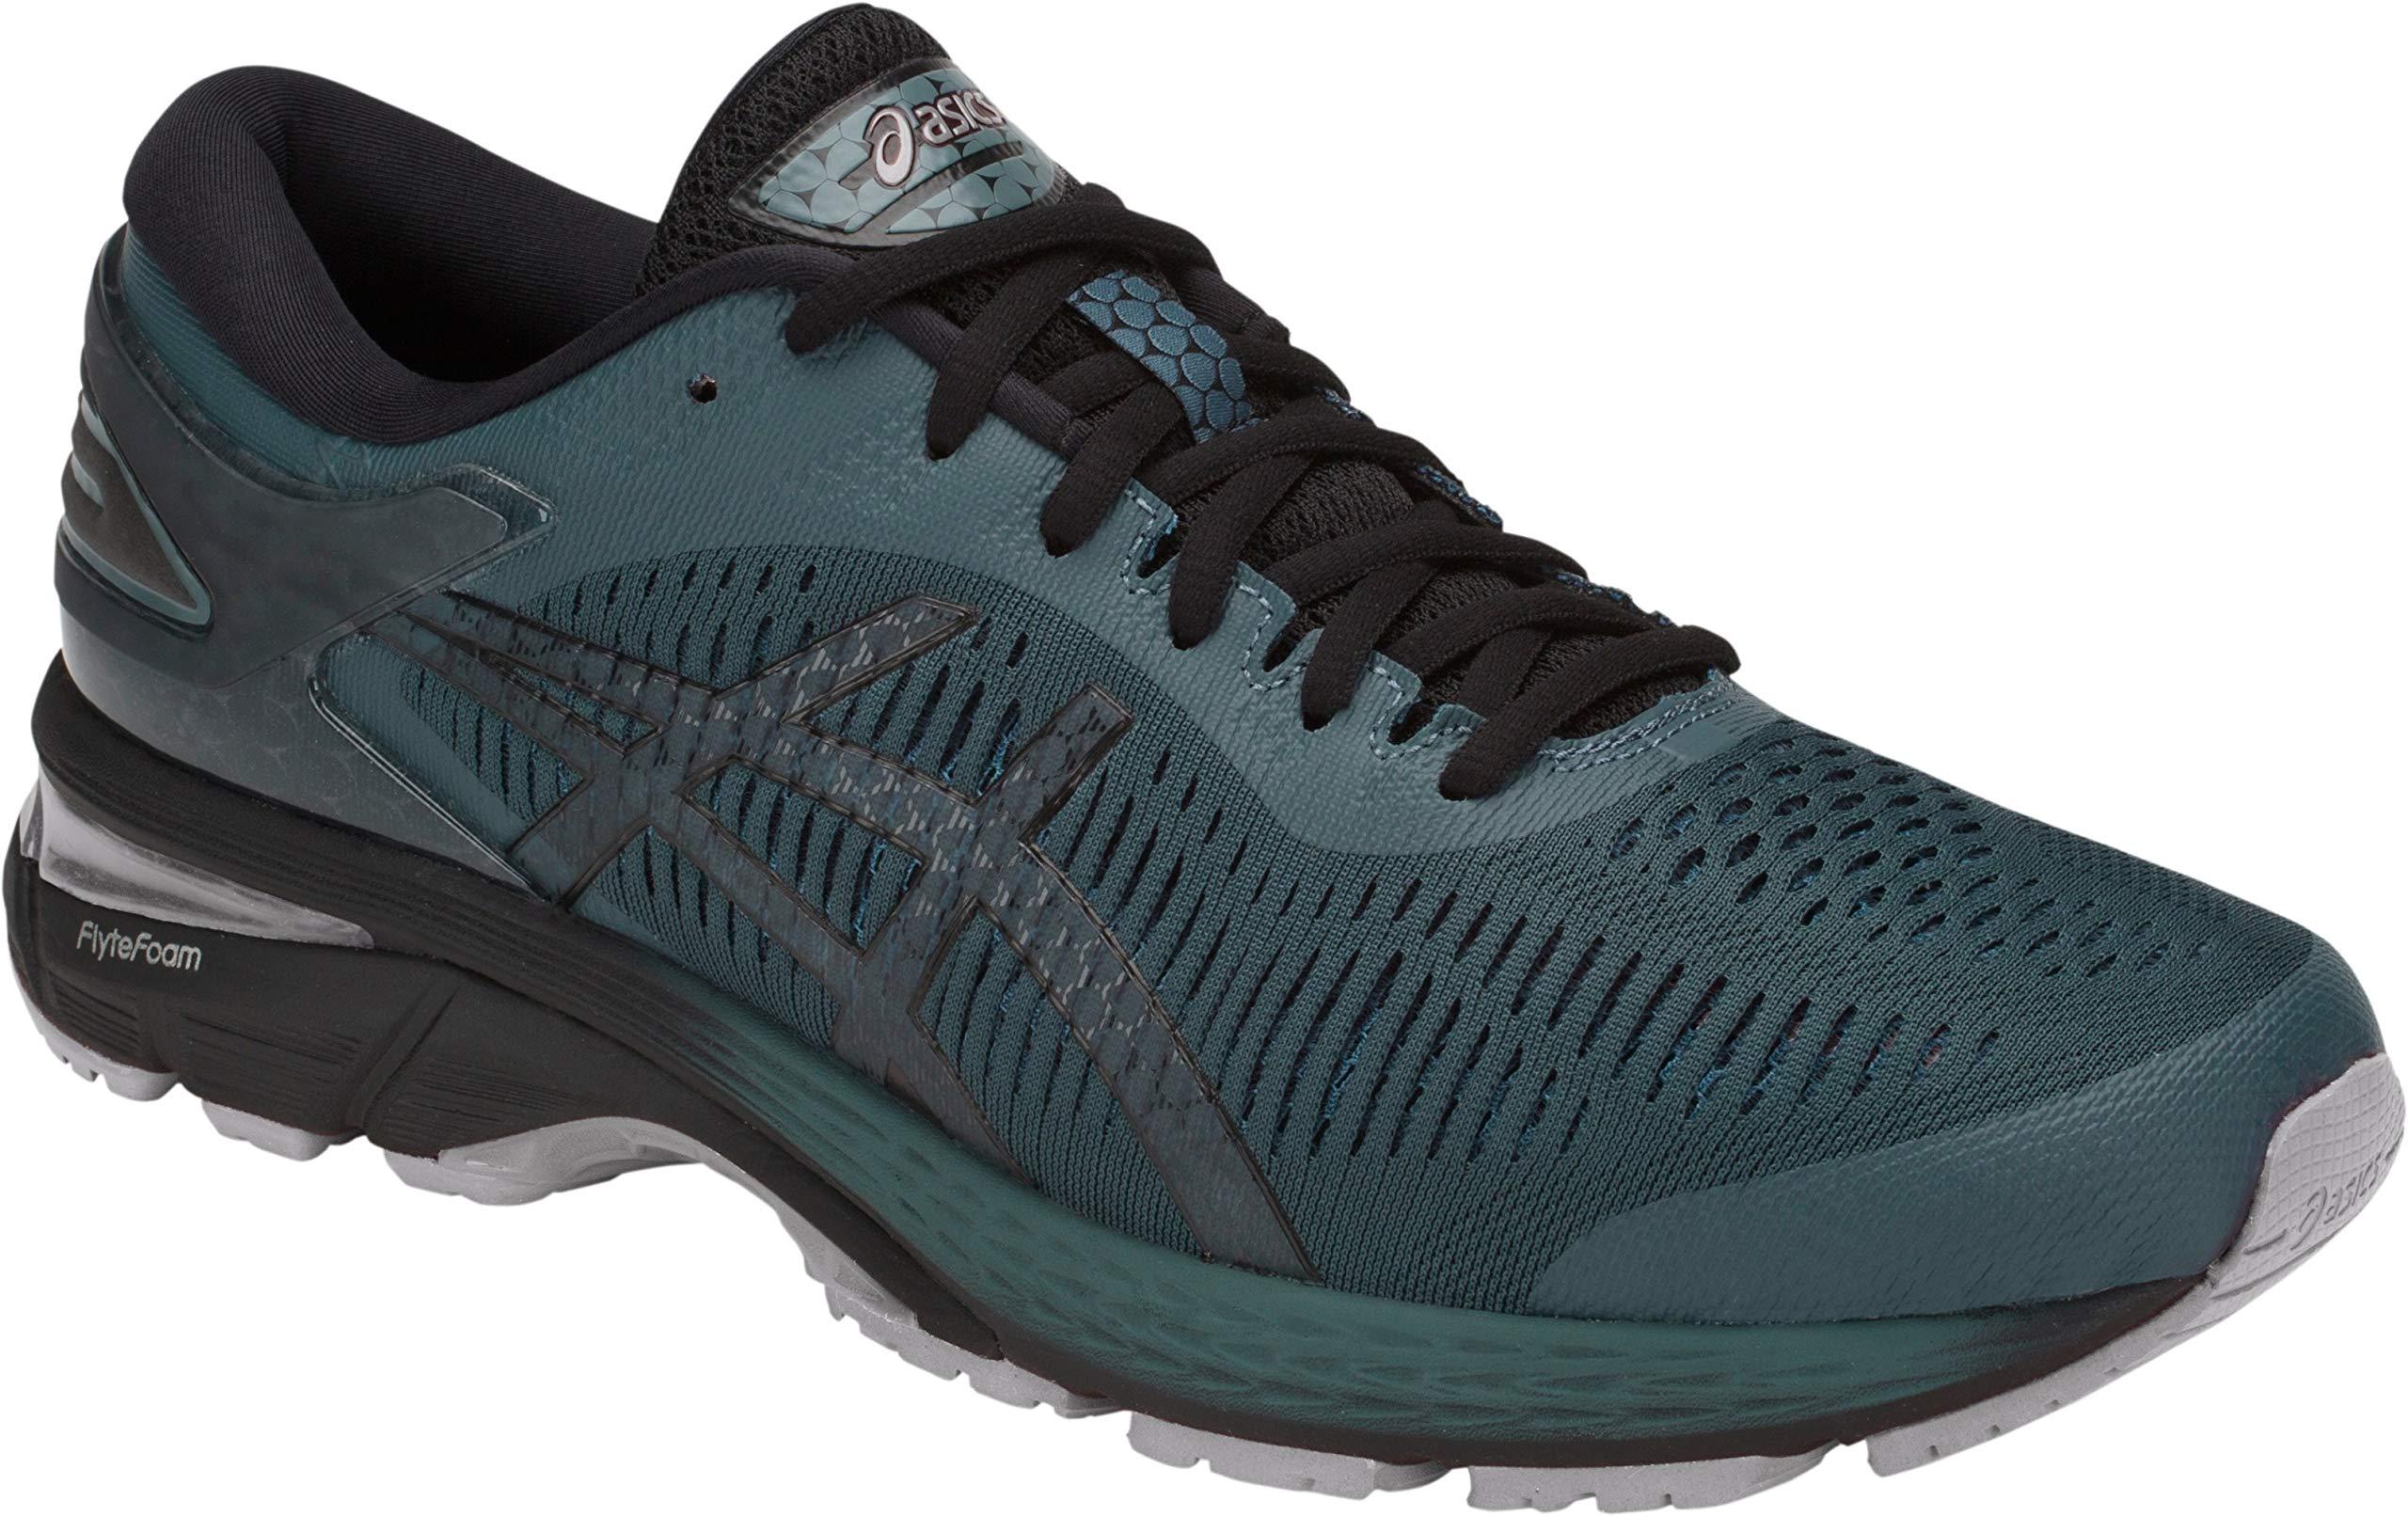 ASICS Men's Gel-Kayano 25 Running Shoe, Iron Clad/Black, 7 D(M) US by ASICS (Image #2)